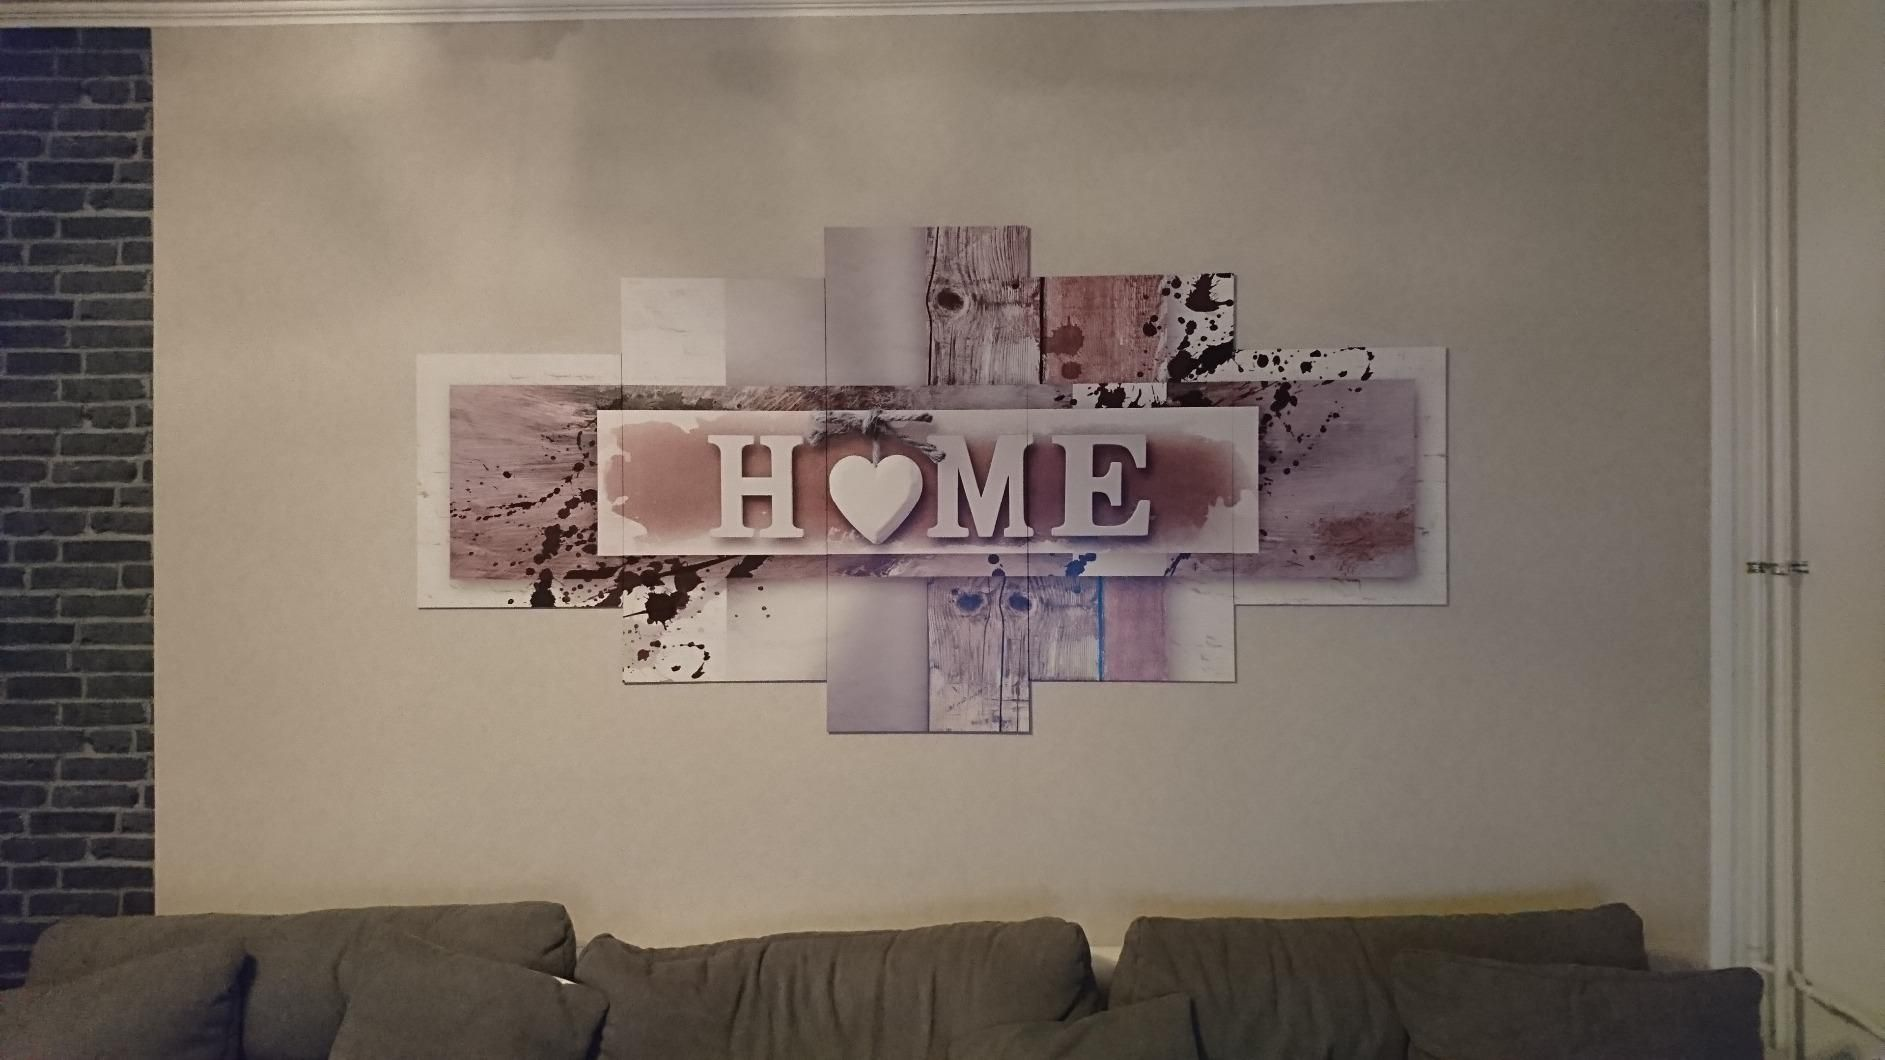 Bilder Home Herz Wandbild Vlies Leinwand Bild Xxl Format Wandbilder Wohnzimmer Wohnung Deko Kunstdrucke Grau 5 Teilig Wandbilder Wandbilder Wohnzimmer Bilder